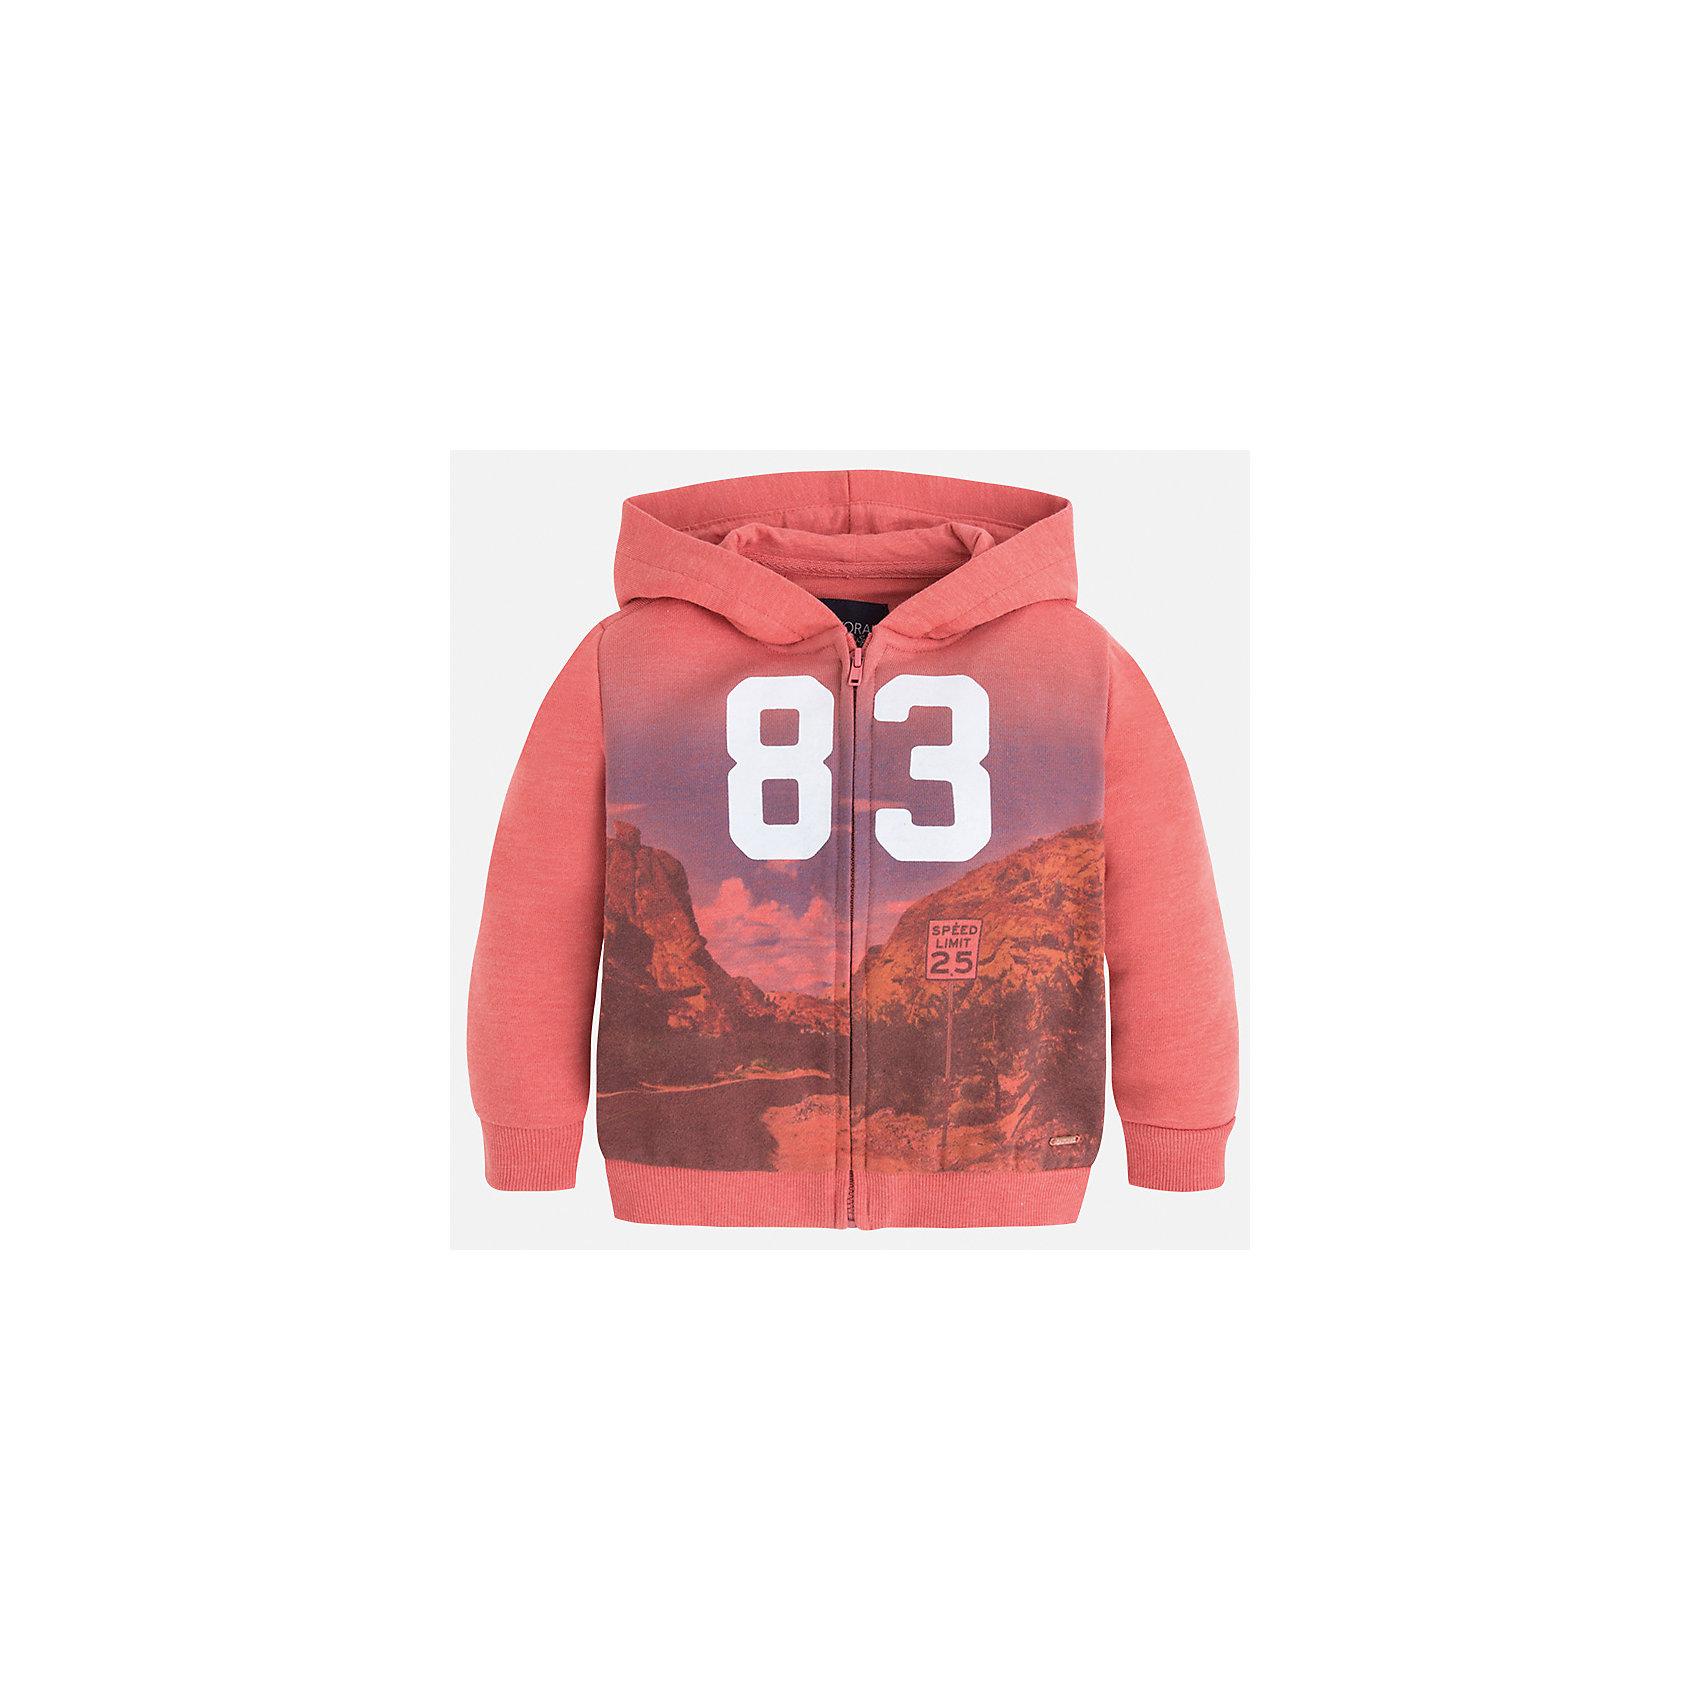 Куртка для мальчика MayoralХарактеристики товара:<br><br>• цвет: красный<br>• состав: 60% хлопок, 40% полиэстер<br>• декорирована принтом<br>• манжеты<br>• молния<br>• капюшон<br>• страна бренда: Испания<br><br>Легкая куртка для мальчика поможет разнообразить гардероб ребенка и обеспечить тепло в прохладную погоду. Она отлично сочетается и с джинсами, и с брюками. Универсальный цвет позволяет подобрать к вещи низ различных расцветок. Интересная отделка модели делает её нарядной и оригинальной. В составе материала - натуральный хлопок, гипоаллергенный, приятный на ощупь, дышащий.<br><br>Одежда, обувь и аксессуары от испанского бренда Mayoral полюбились детям и взрослым по всему миру. Модели этой марки - стильные и удобные. Для их производства используются только безопасные, качественные материалы и фурнитура. Порадуйте ребенка модными и красивыми вещами от Mayoral! <br><br>Куртку для мальчика от испанского бренда Mayoral (Майорал) можно купить в нашем интернет-магазине.<br><br>Ширина мм: 356<br>Глубина мм: 10<br>Высота мм: 245<br>Вес г: 519<br>Цвет: красный<br>Возраст от месяцев: 60<br>Возраст до месяцев: 72<br>Пол: Мужской<br>Возраст: Детский<br>Размер: 116,134,92,98,104,110,122,128<br>SKU: 5280585